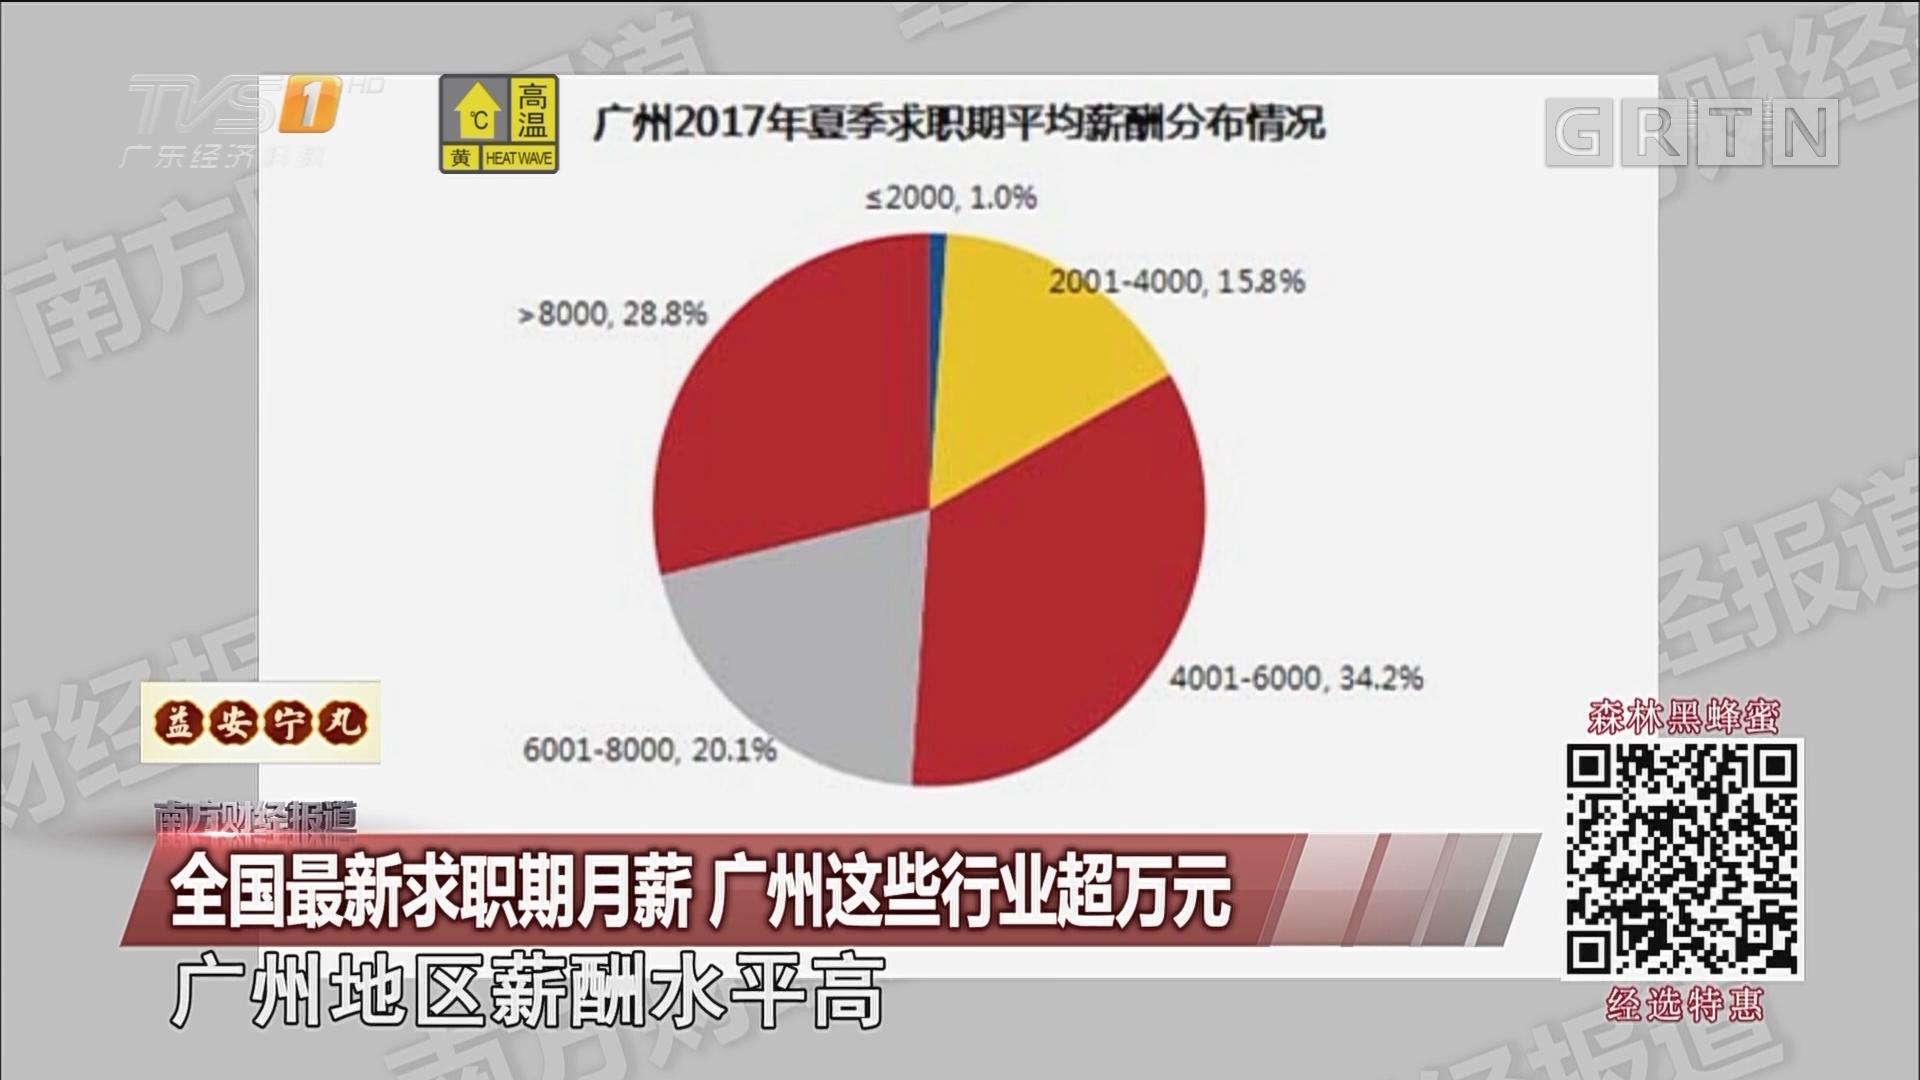 全国最新求职期月薪 广州这些行业超万元